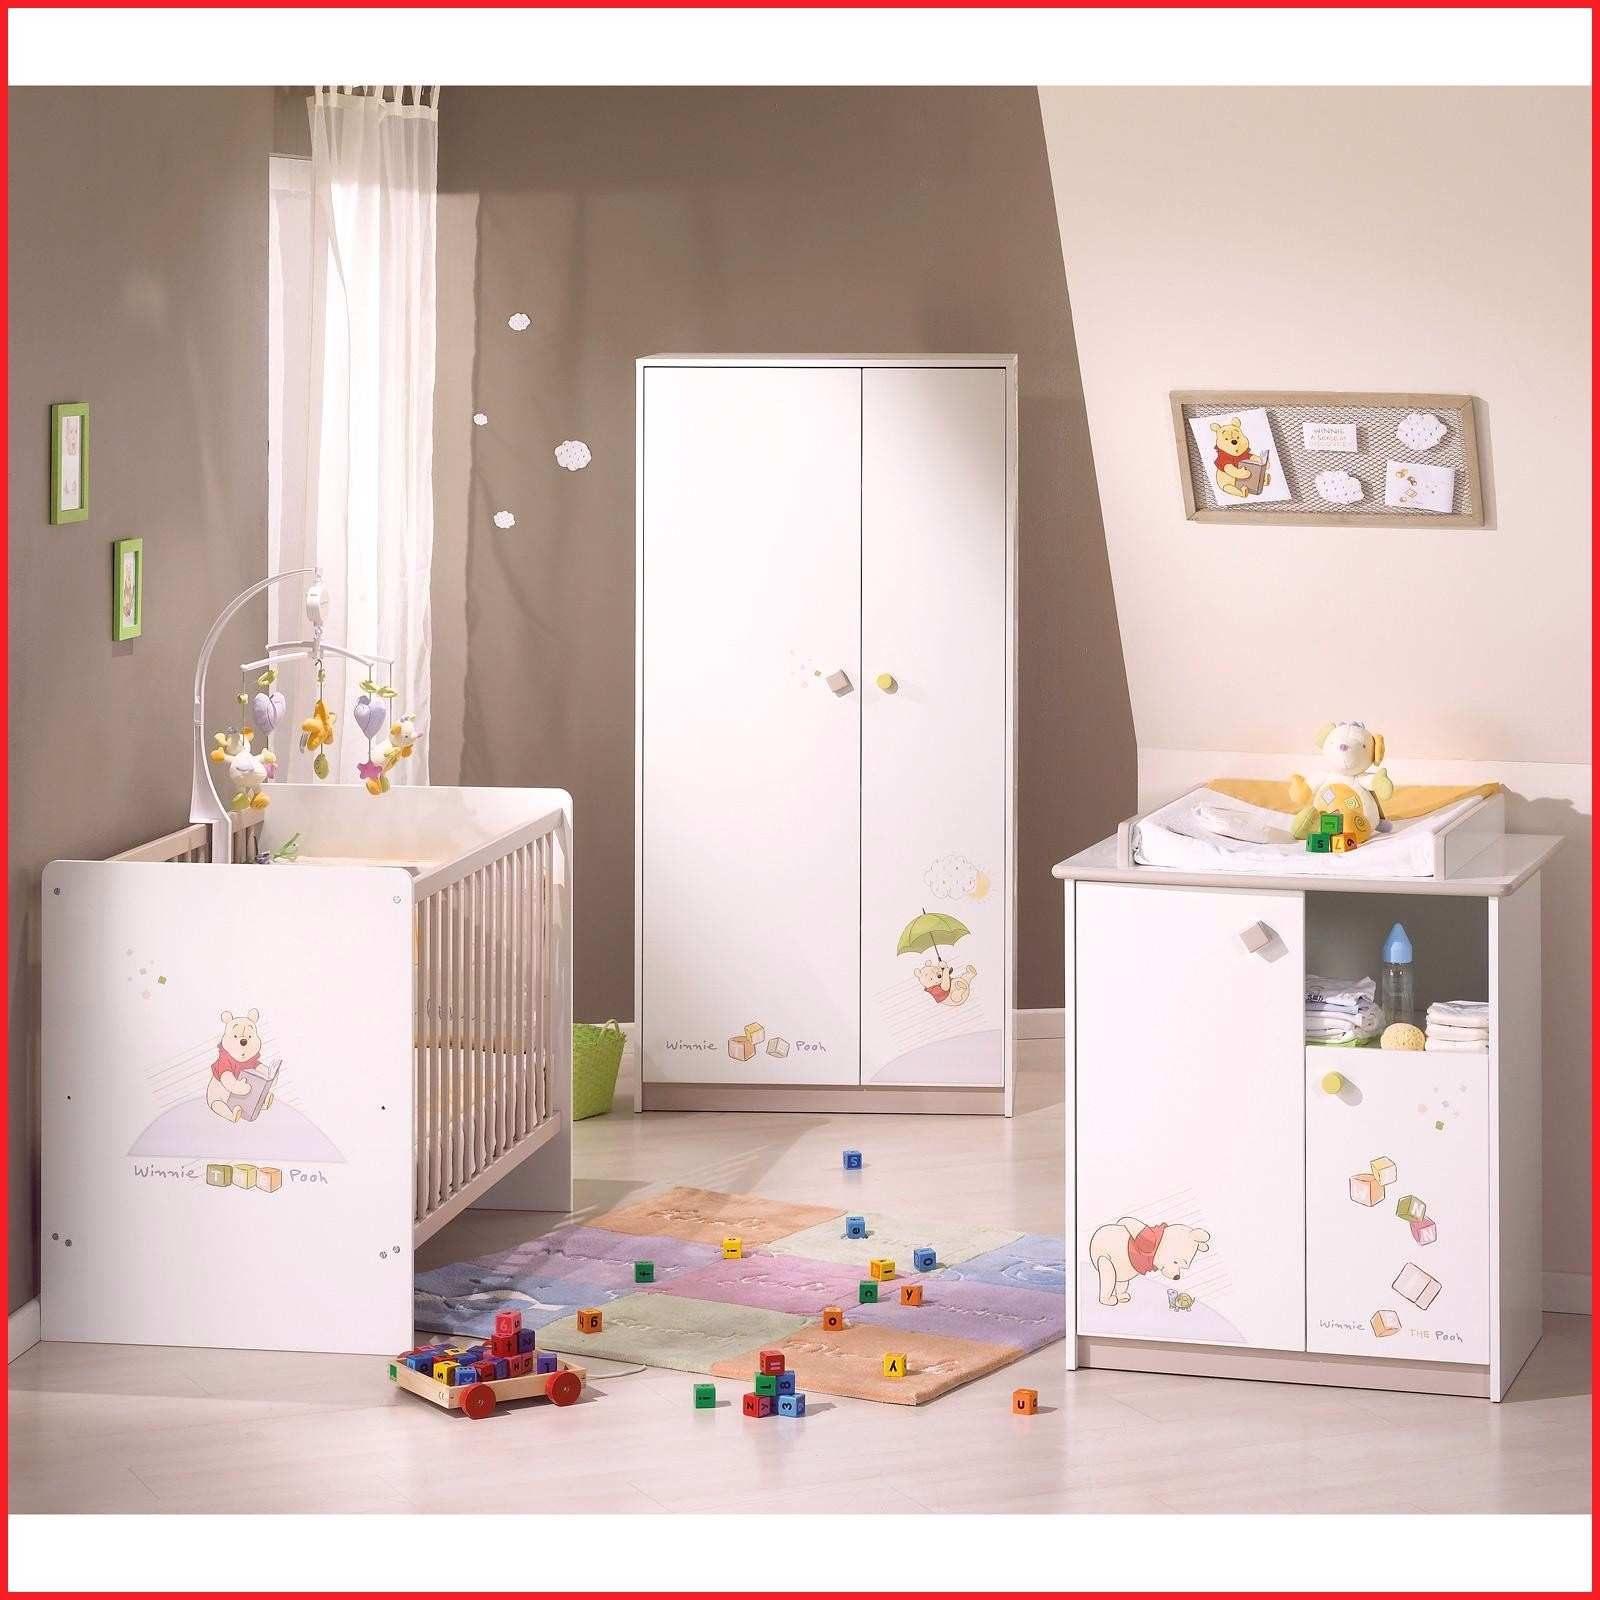 Chambre Bébé Taupe Et Rose Inspirational Chambre Bébé Jumeaux Luxe